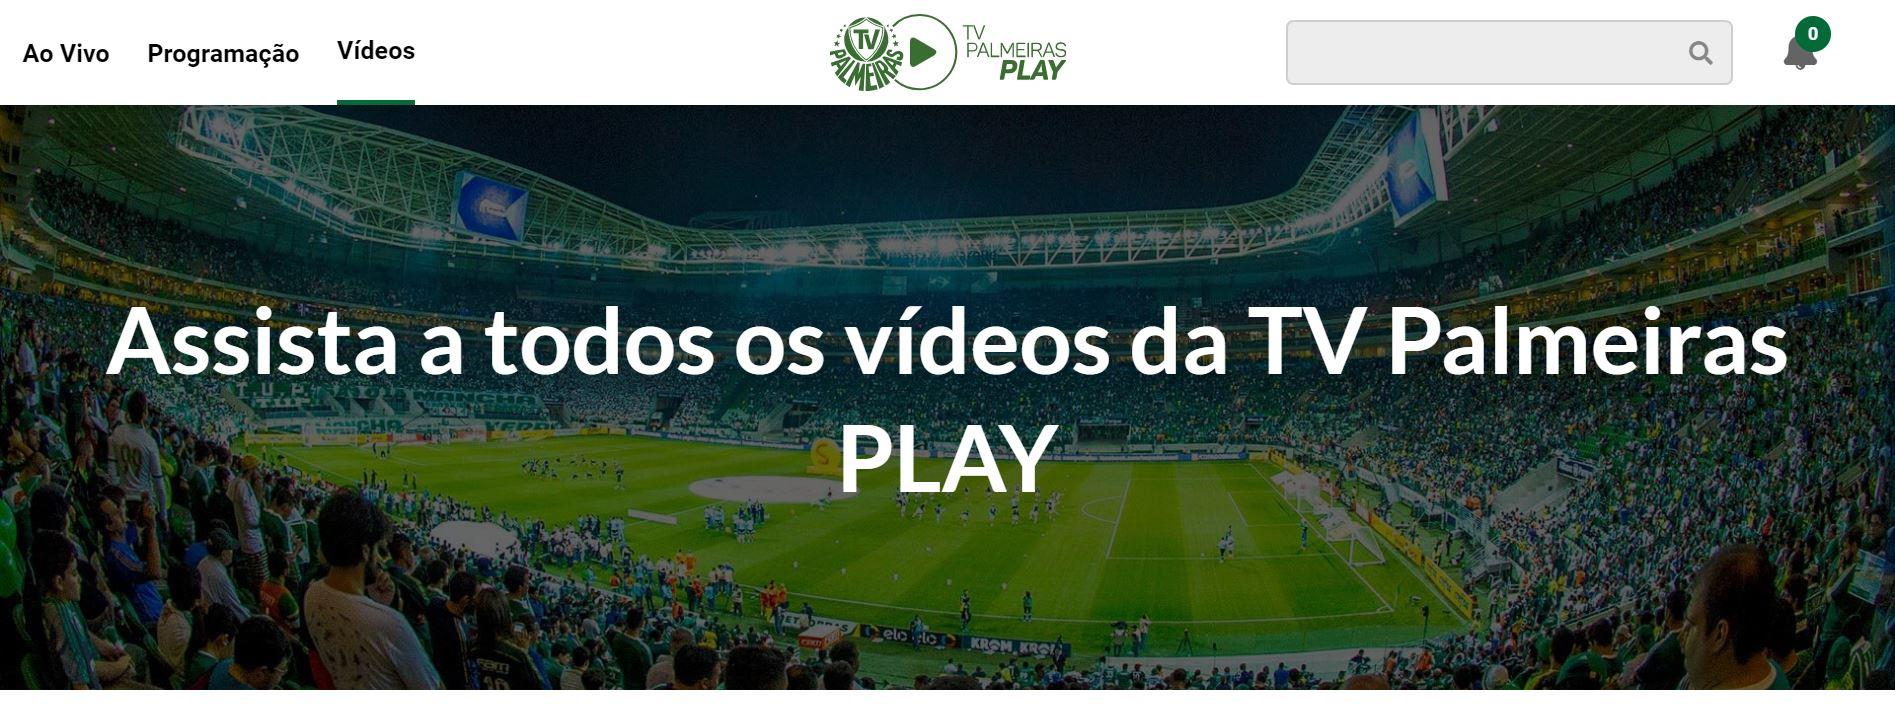 screen capture video tv palmeiras play